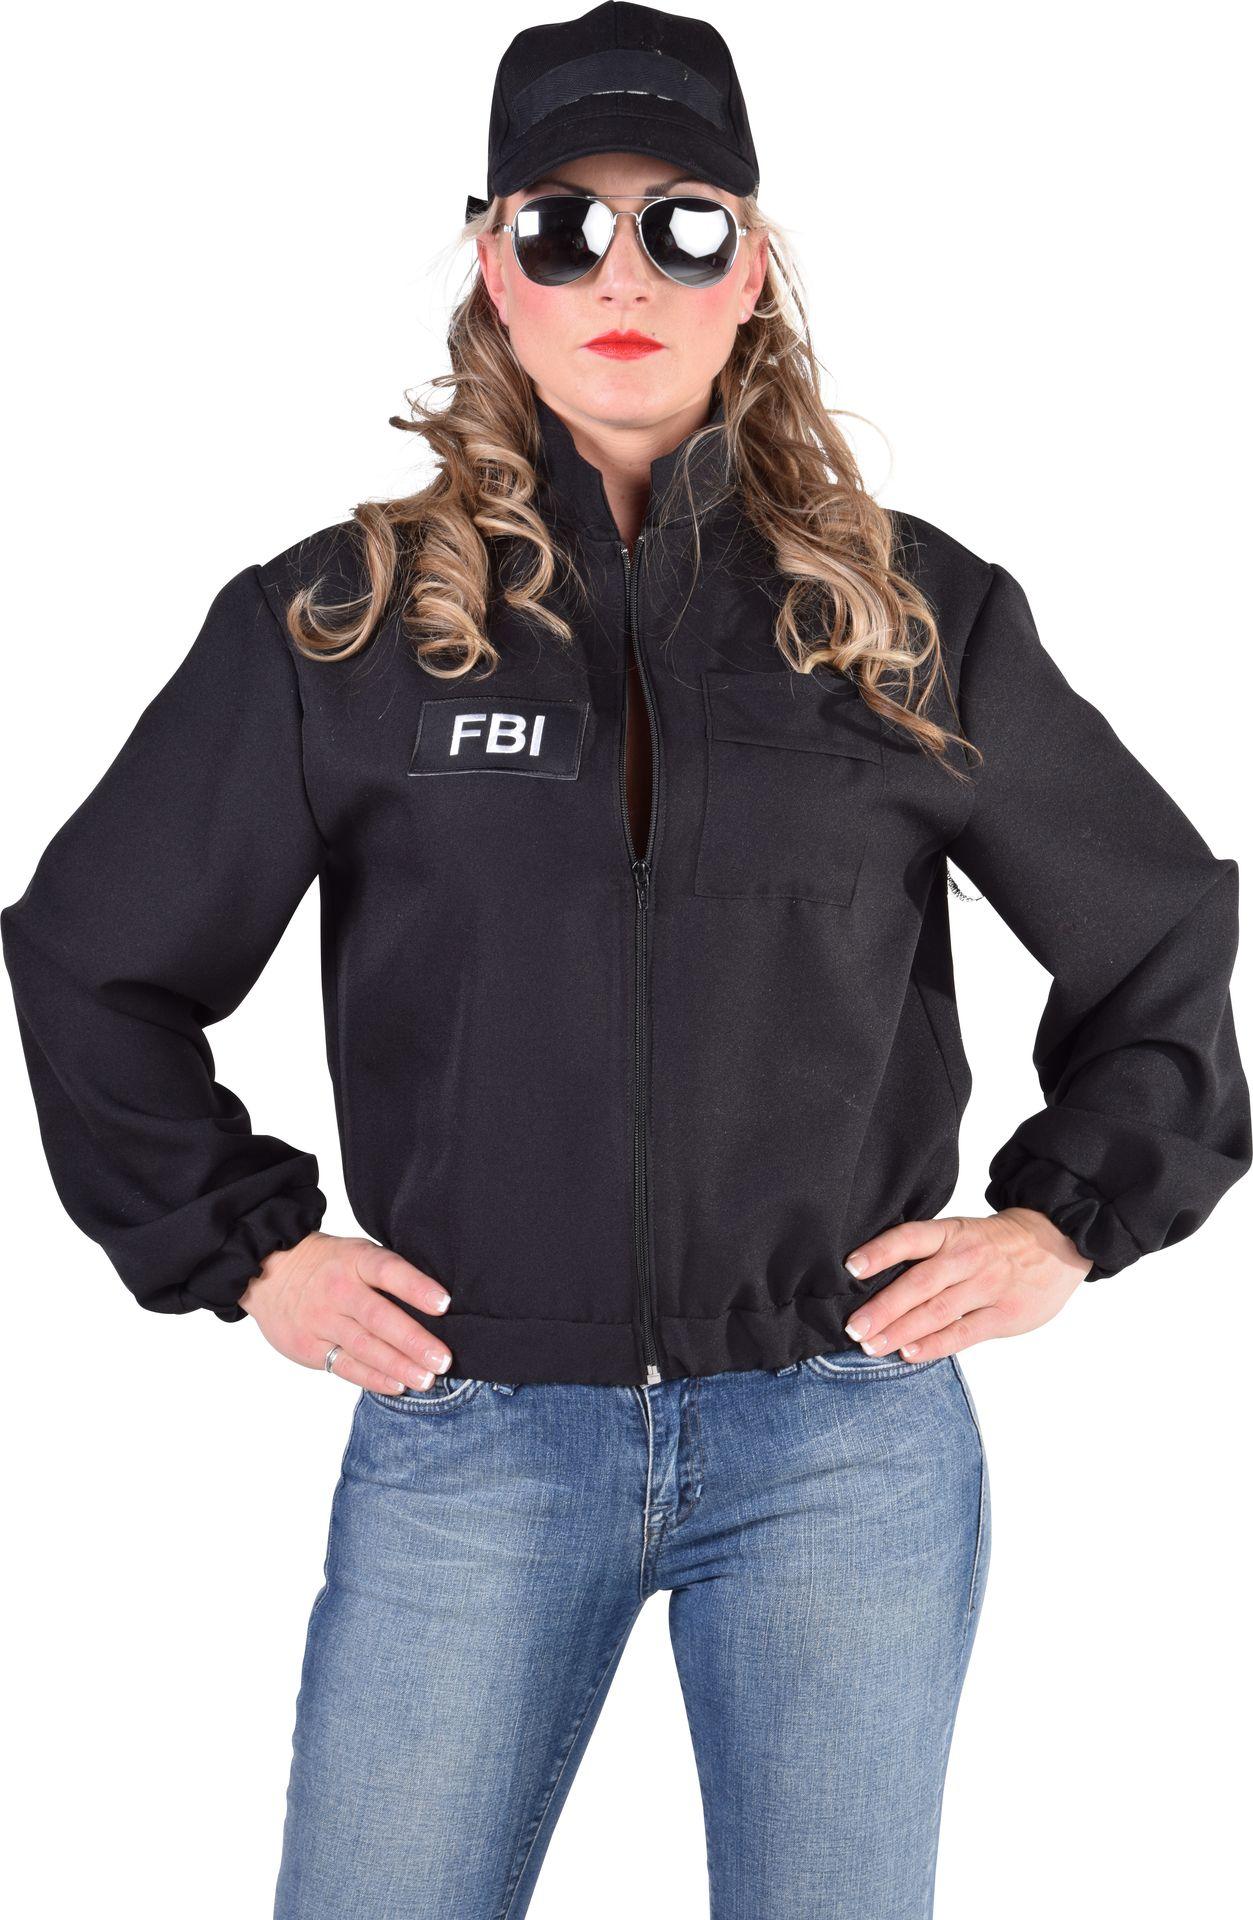 Zwarte FBI politie jas dames